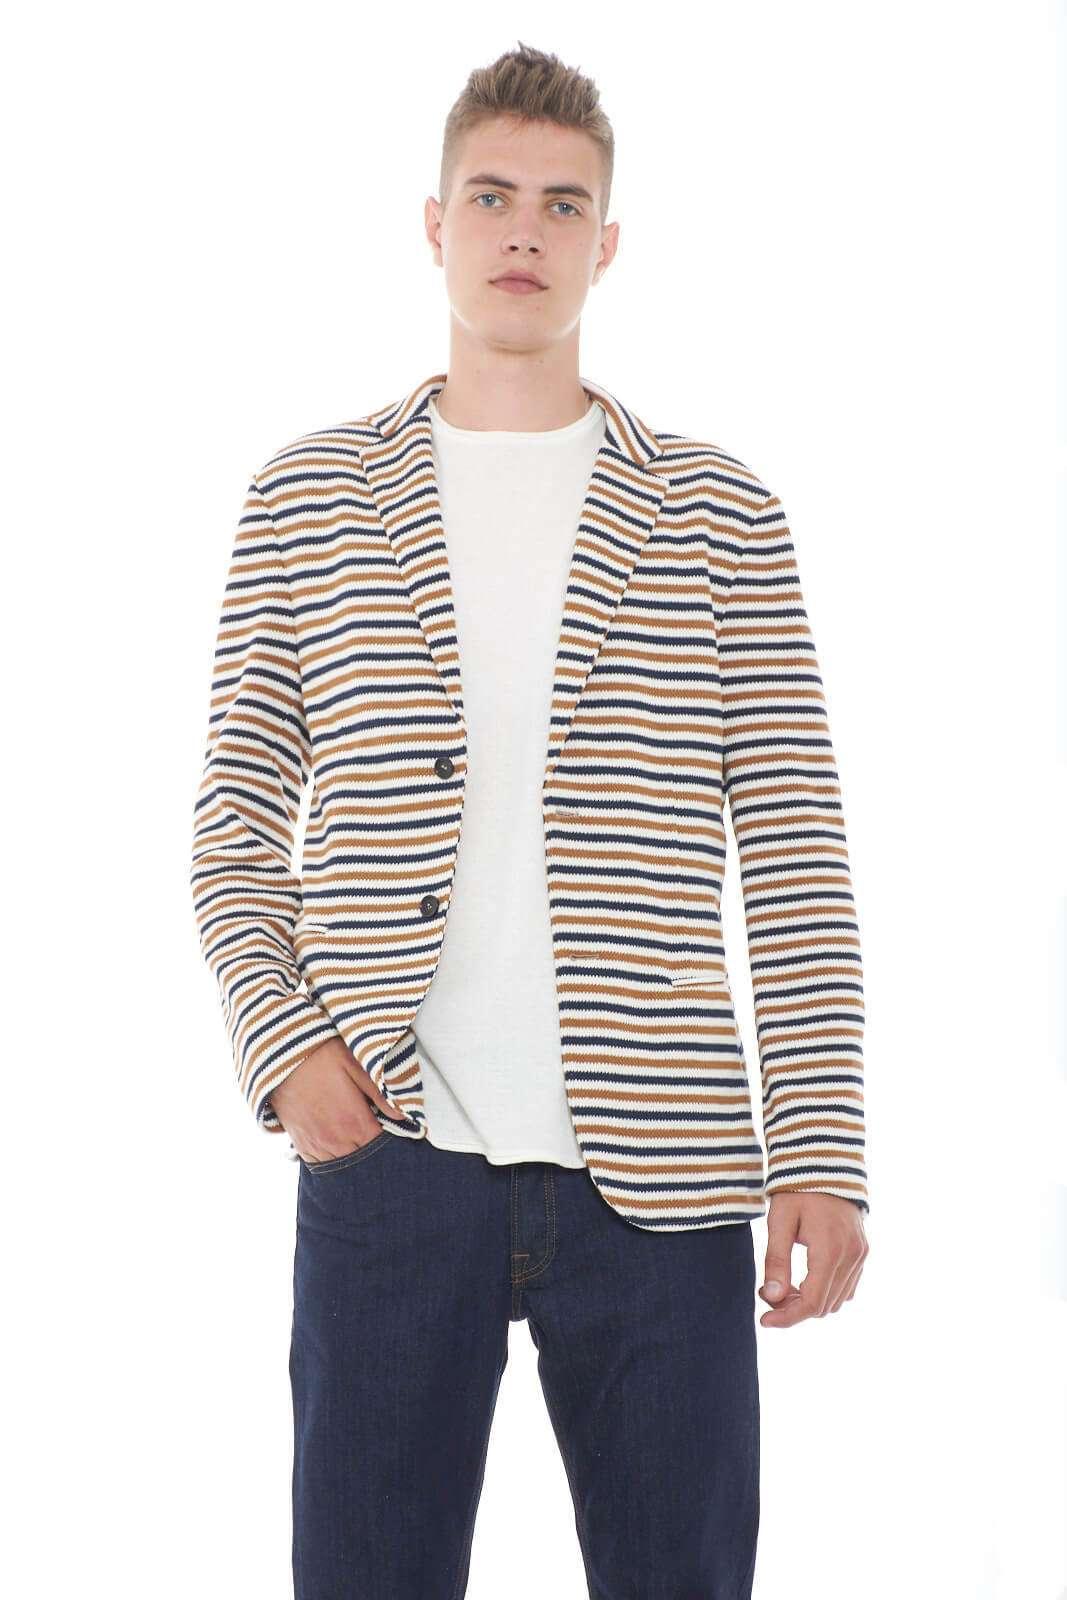 Una giacca chic ed elegante, quella proposta da Daniele Alessandrini. Ideale per look sempre trendy e fashion, in ogni situazione, dal lavoro ai party, alle serate con gli amici. Per l 'uomo che ama look contemporanei e alla moda in ogni situazione.